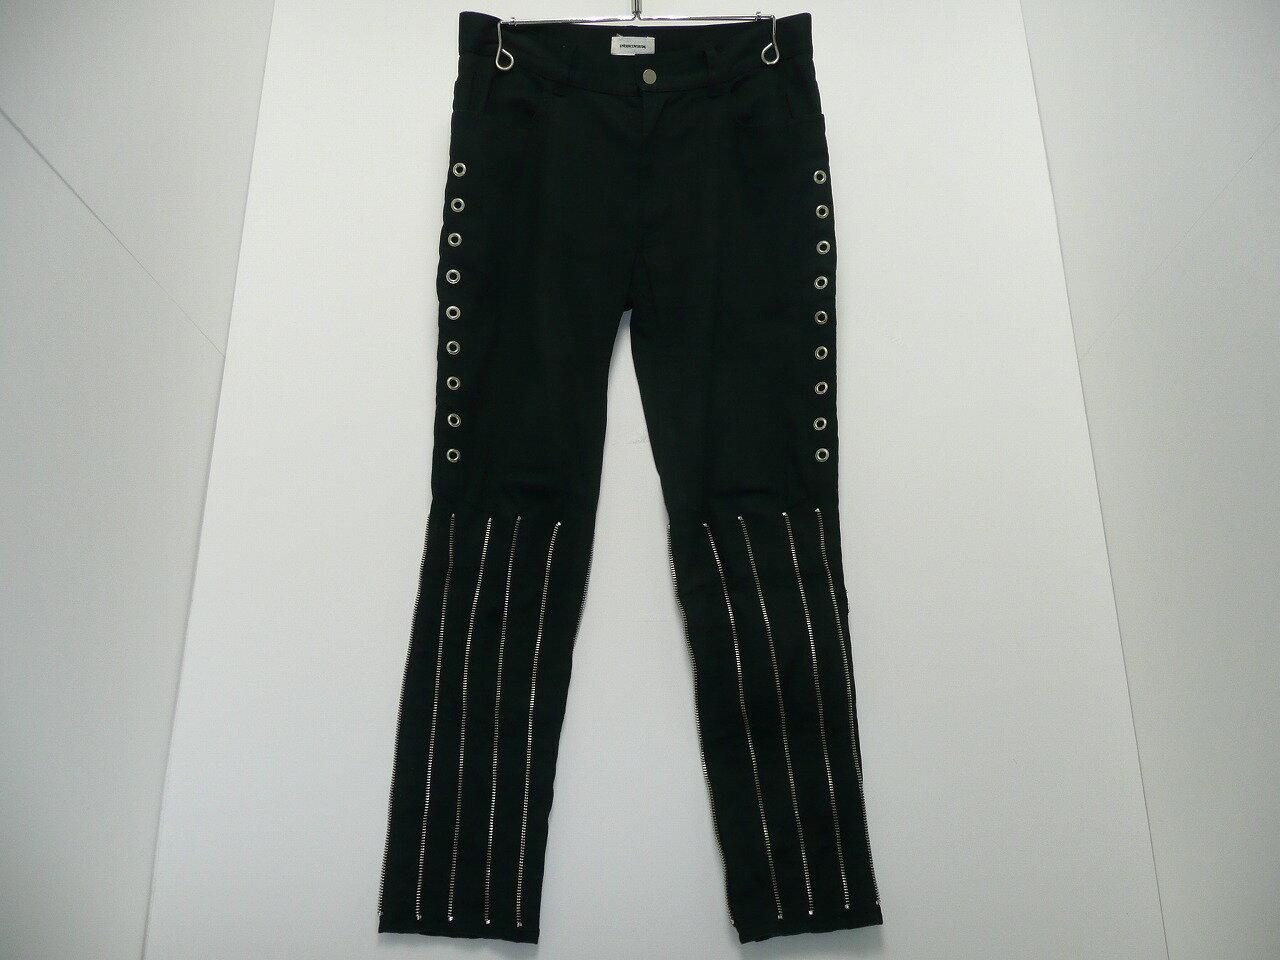 UNDERCOVERISM アンダーカバーイズム ボンテージパンツ ブラック サイズ:1 パンツ メンズ 黒 アンダーカバー H4516-1  【中古】【ドメスティック】【金沢本店 併売品】【6500232Kz】